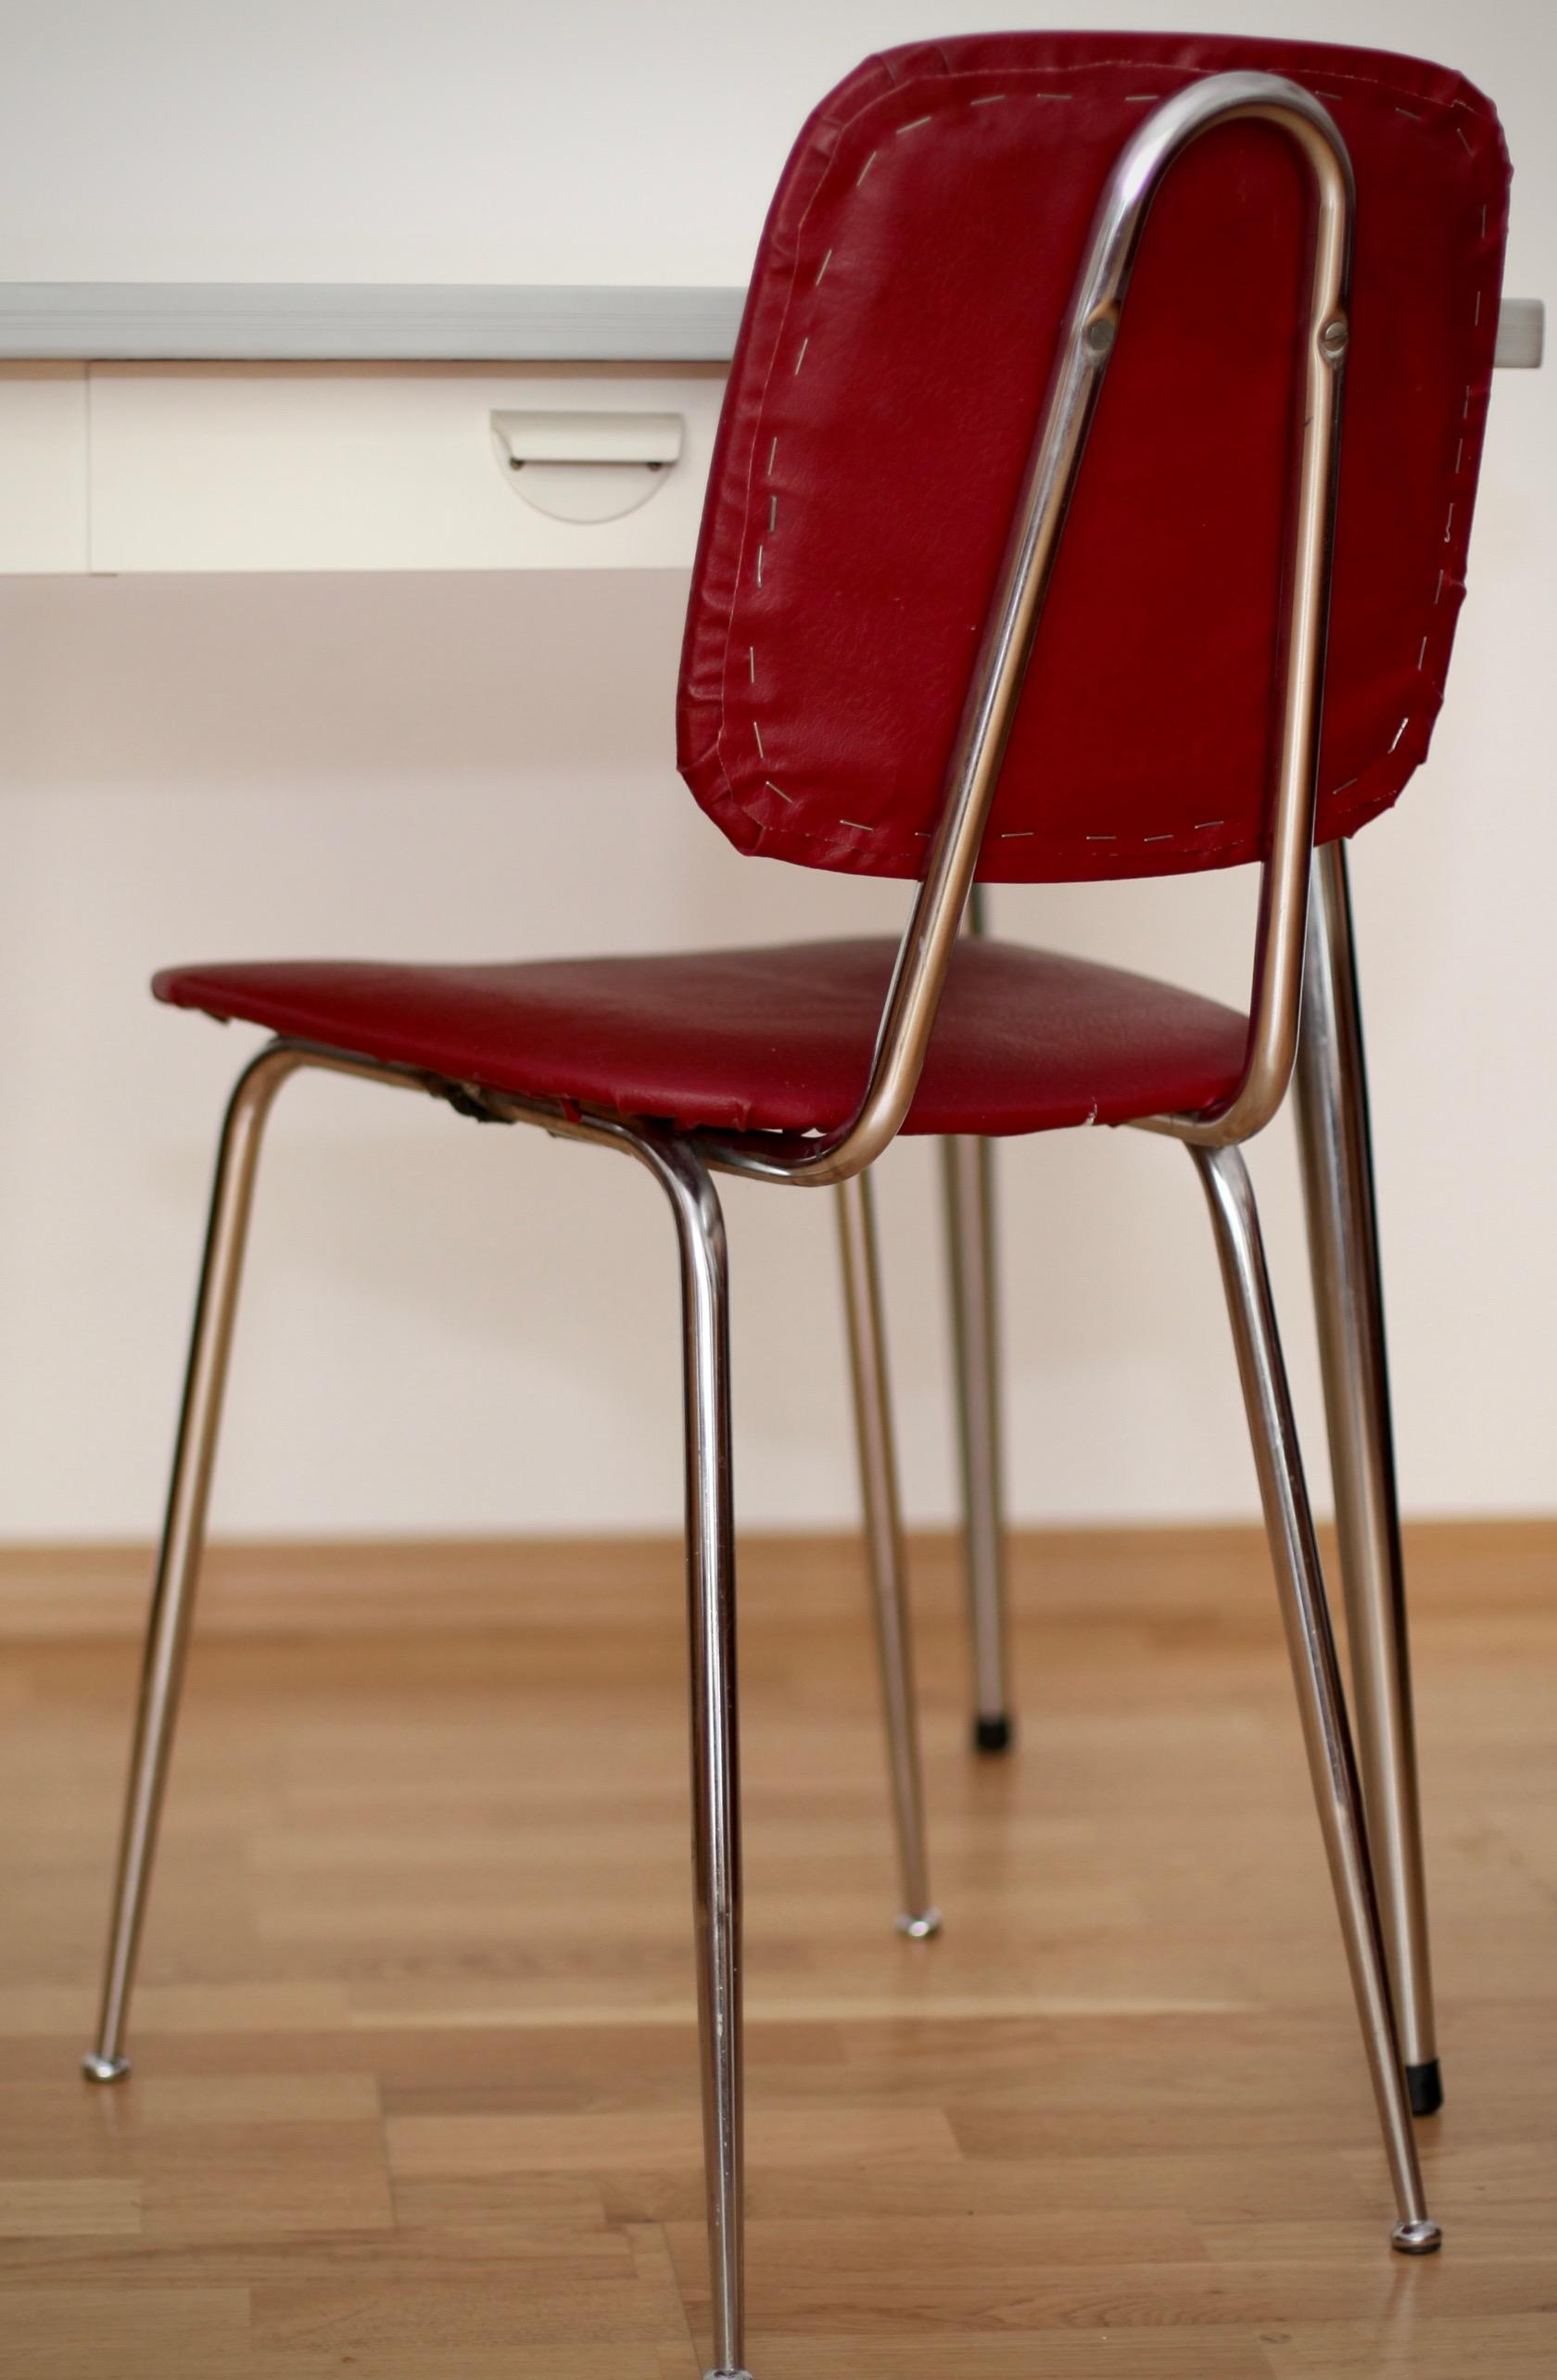 Kleiner Küchentisch mit Stuhl - raumwunder - vintage wohnen in nürnberg